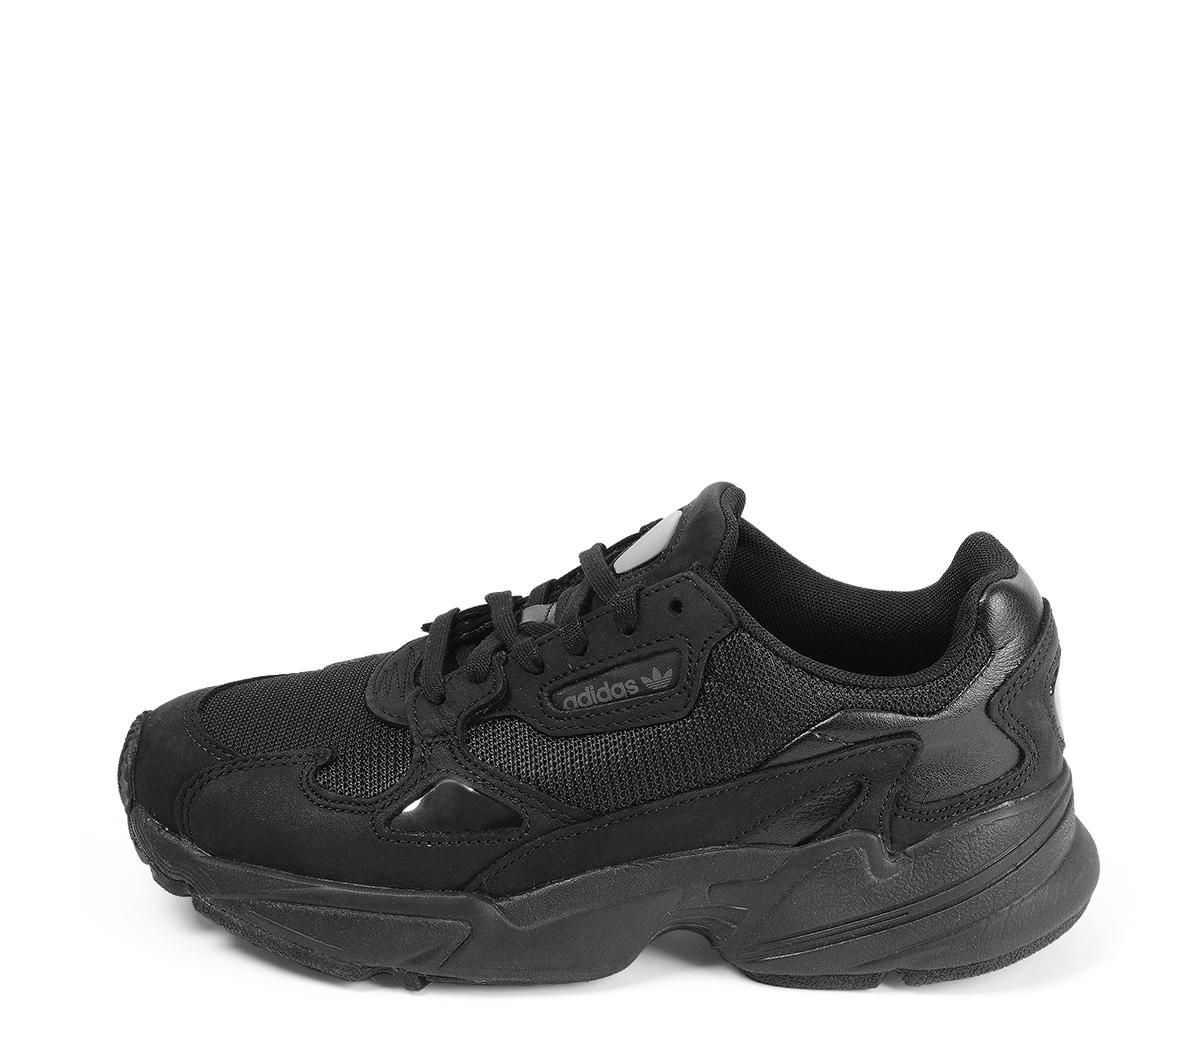 Ref. 4580 Adidas Falcon w combinada en tela y piel negra. Suela blanca. Cordones negros.